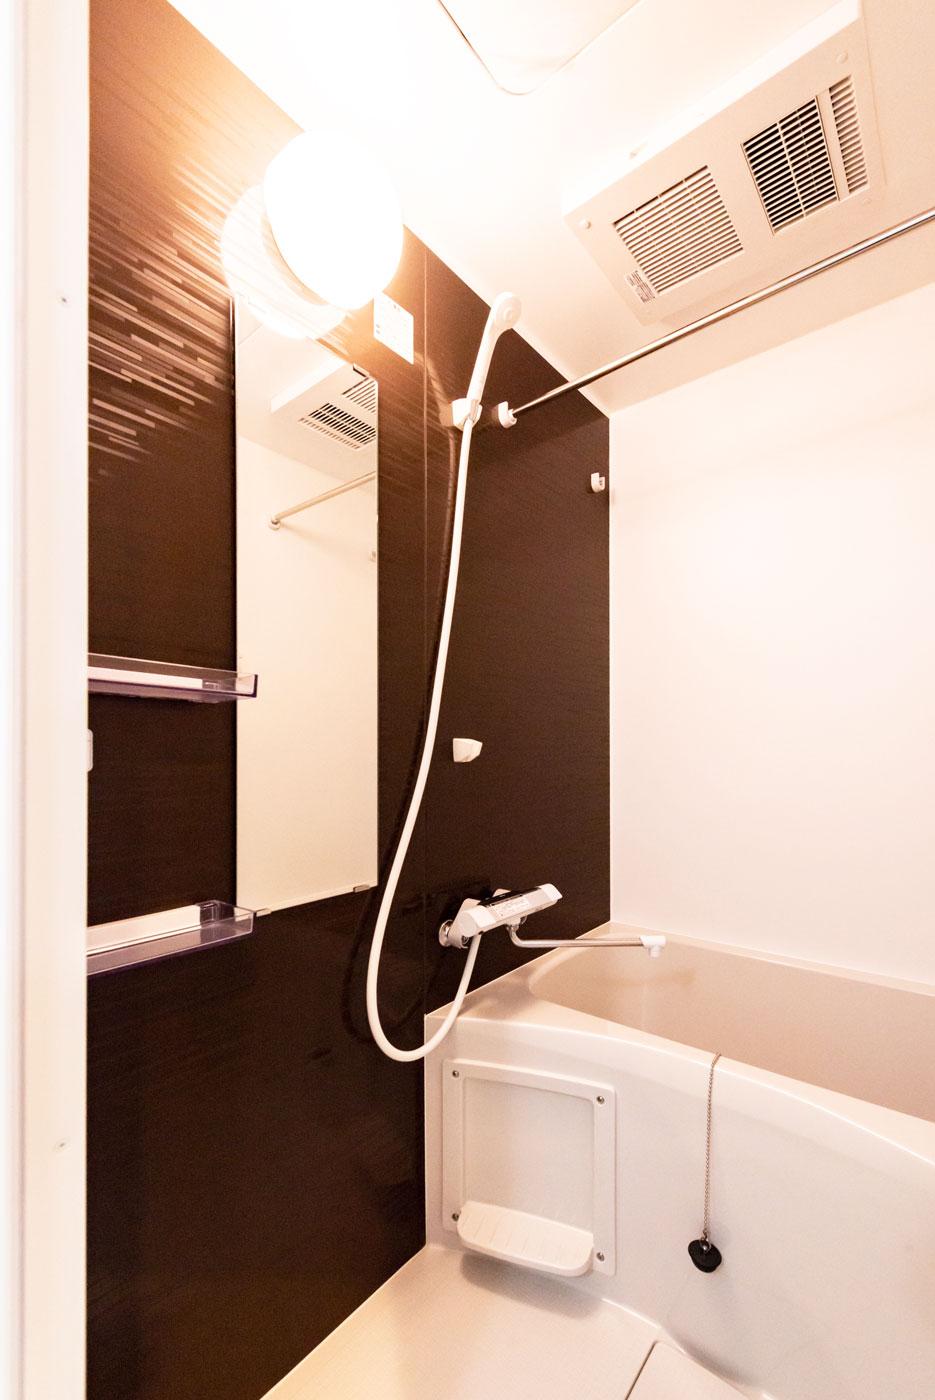 203-6 浴室(2階4階Cタイプ共通)